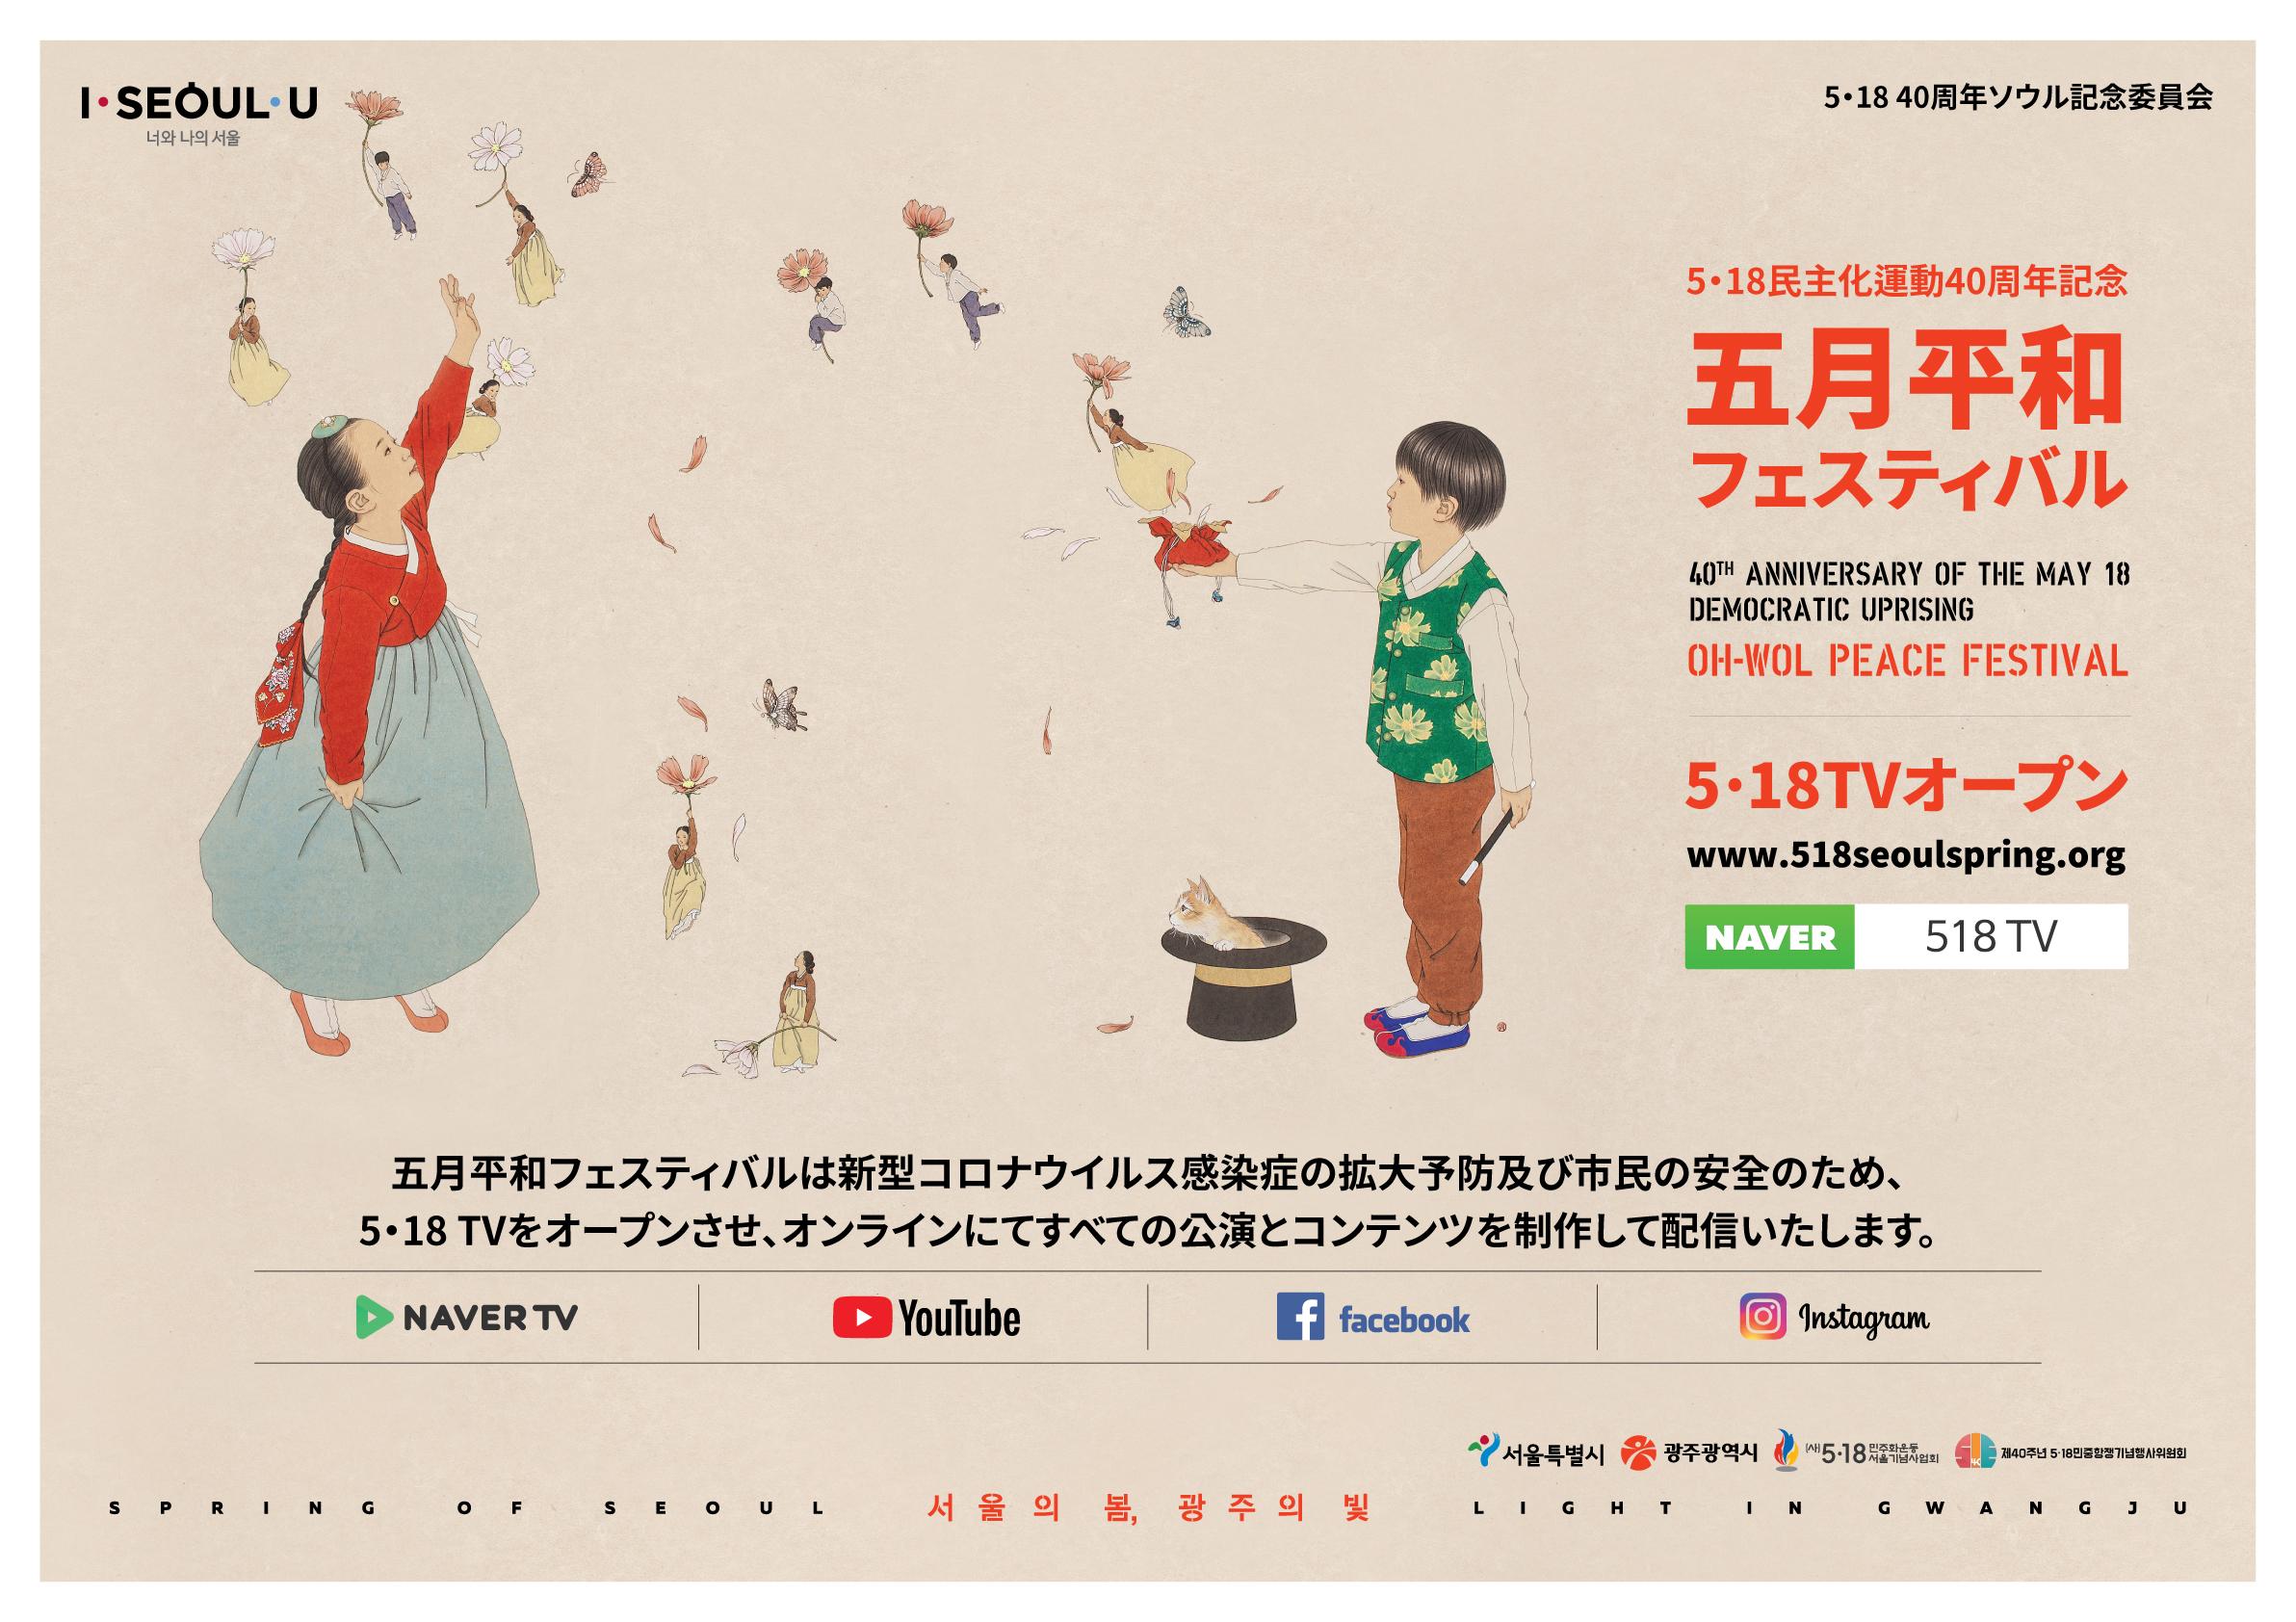 ソウル市、5・18民主化運動40周年を迎え、オンラインにて「五月平和フェスティバル」開催